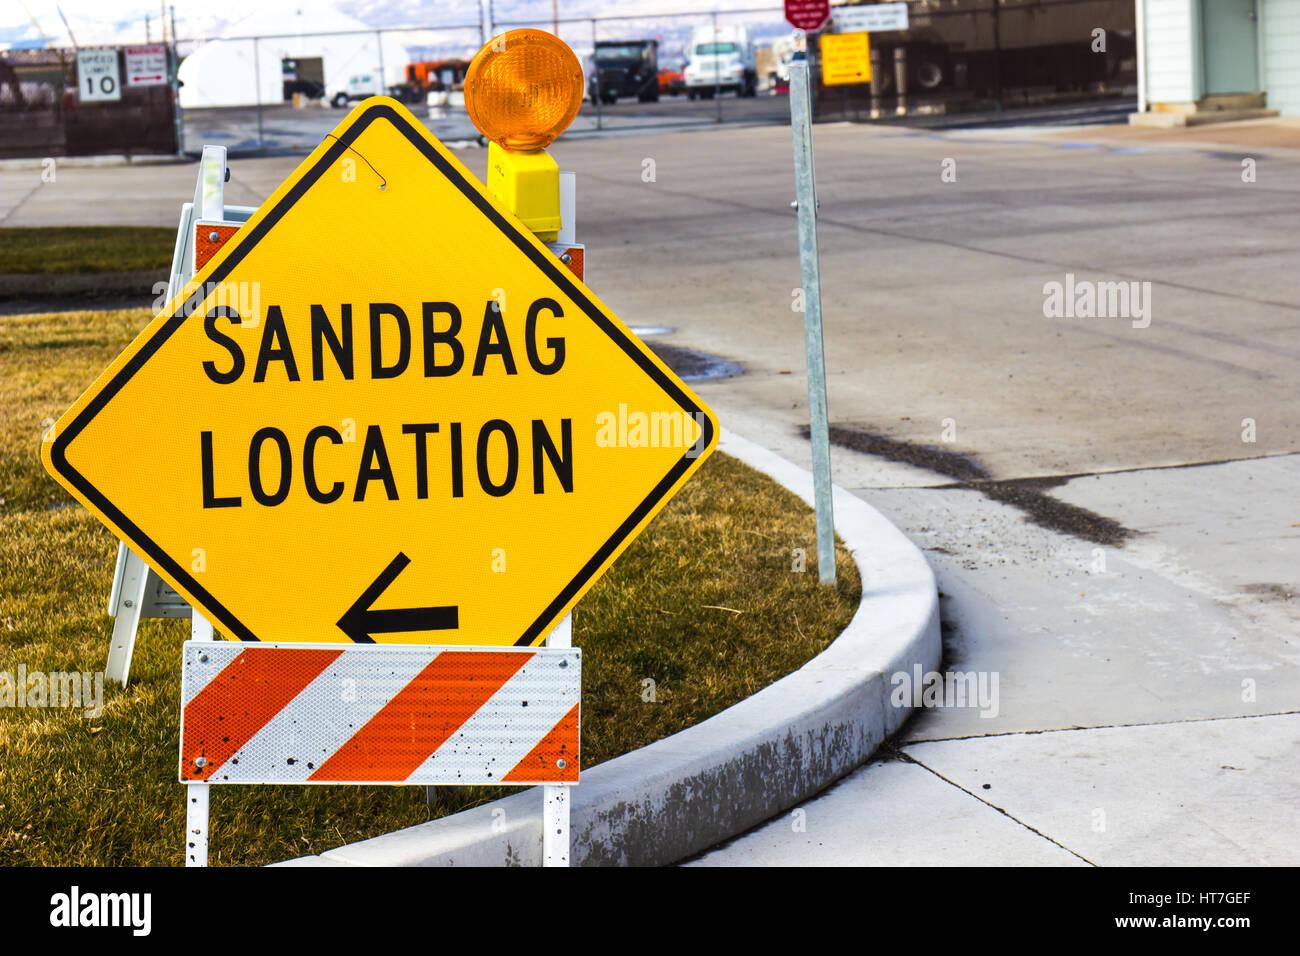 Sandbag Fill Up Location Sign - Stock Image